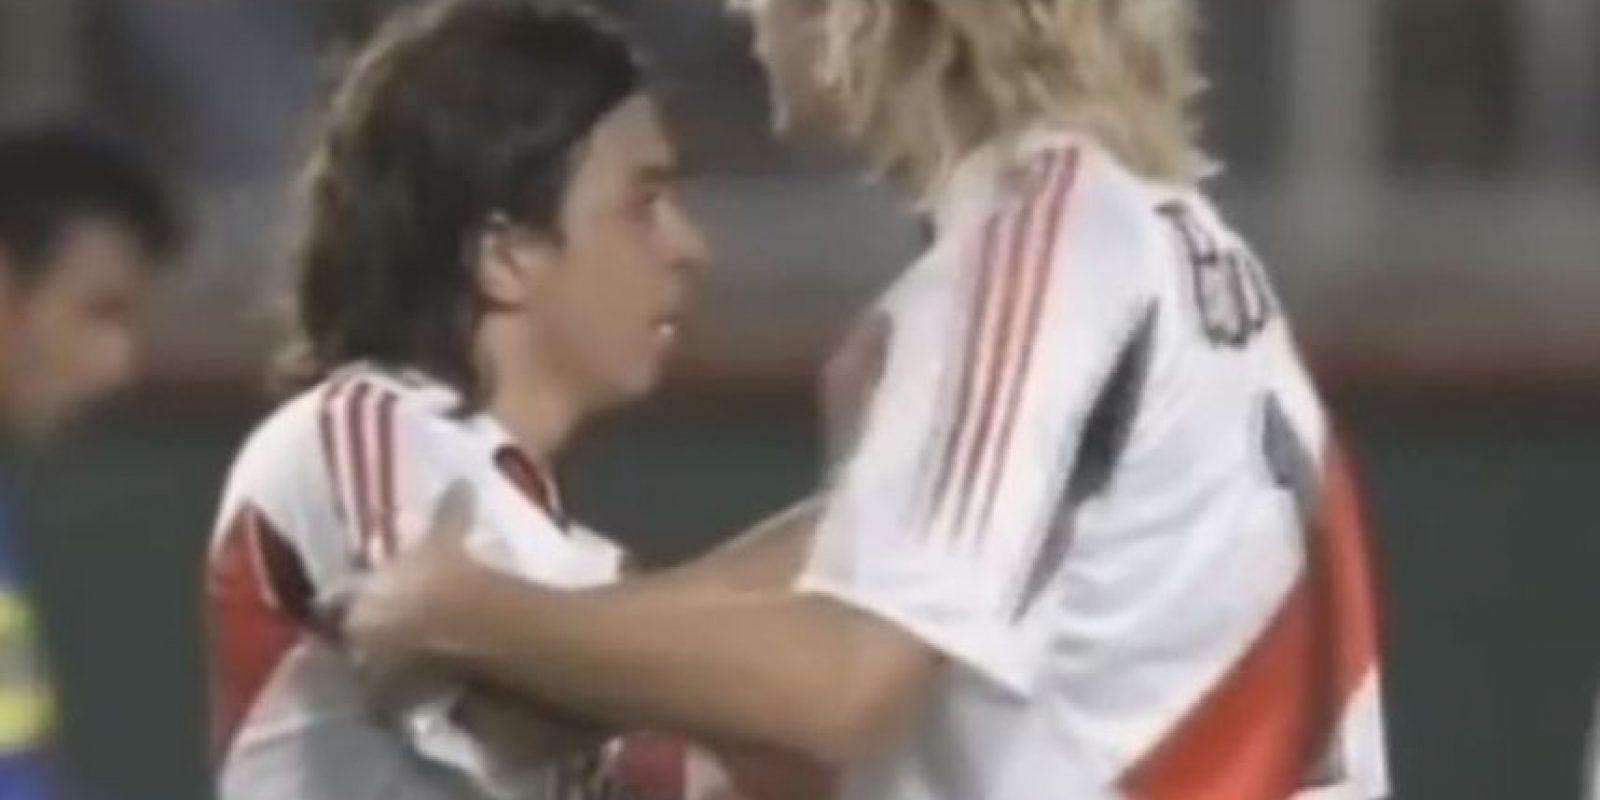 Boca vs. River en Libertadores. Si los clásicos de Argentina entre Boca Juniors y River Plate son llenos de pasión, lo son más cuando se disputan a nivel internacional y aún más en una semifinal de la Copa Libertadores. Foto:YouTube / FoxSports